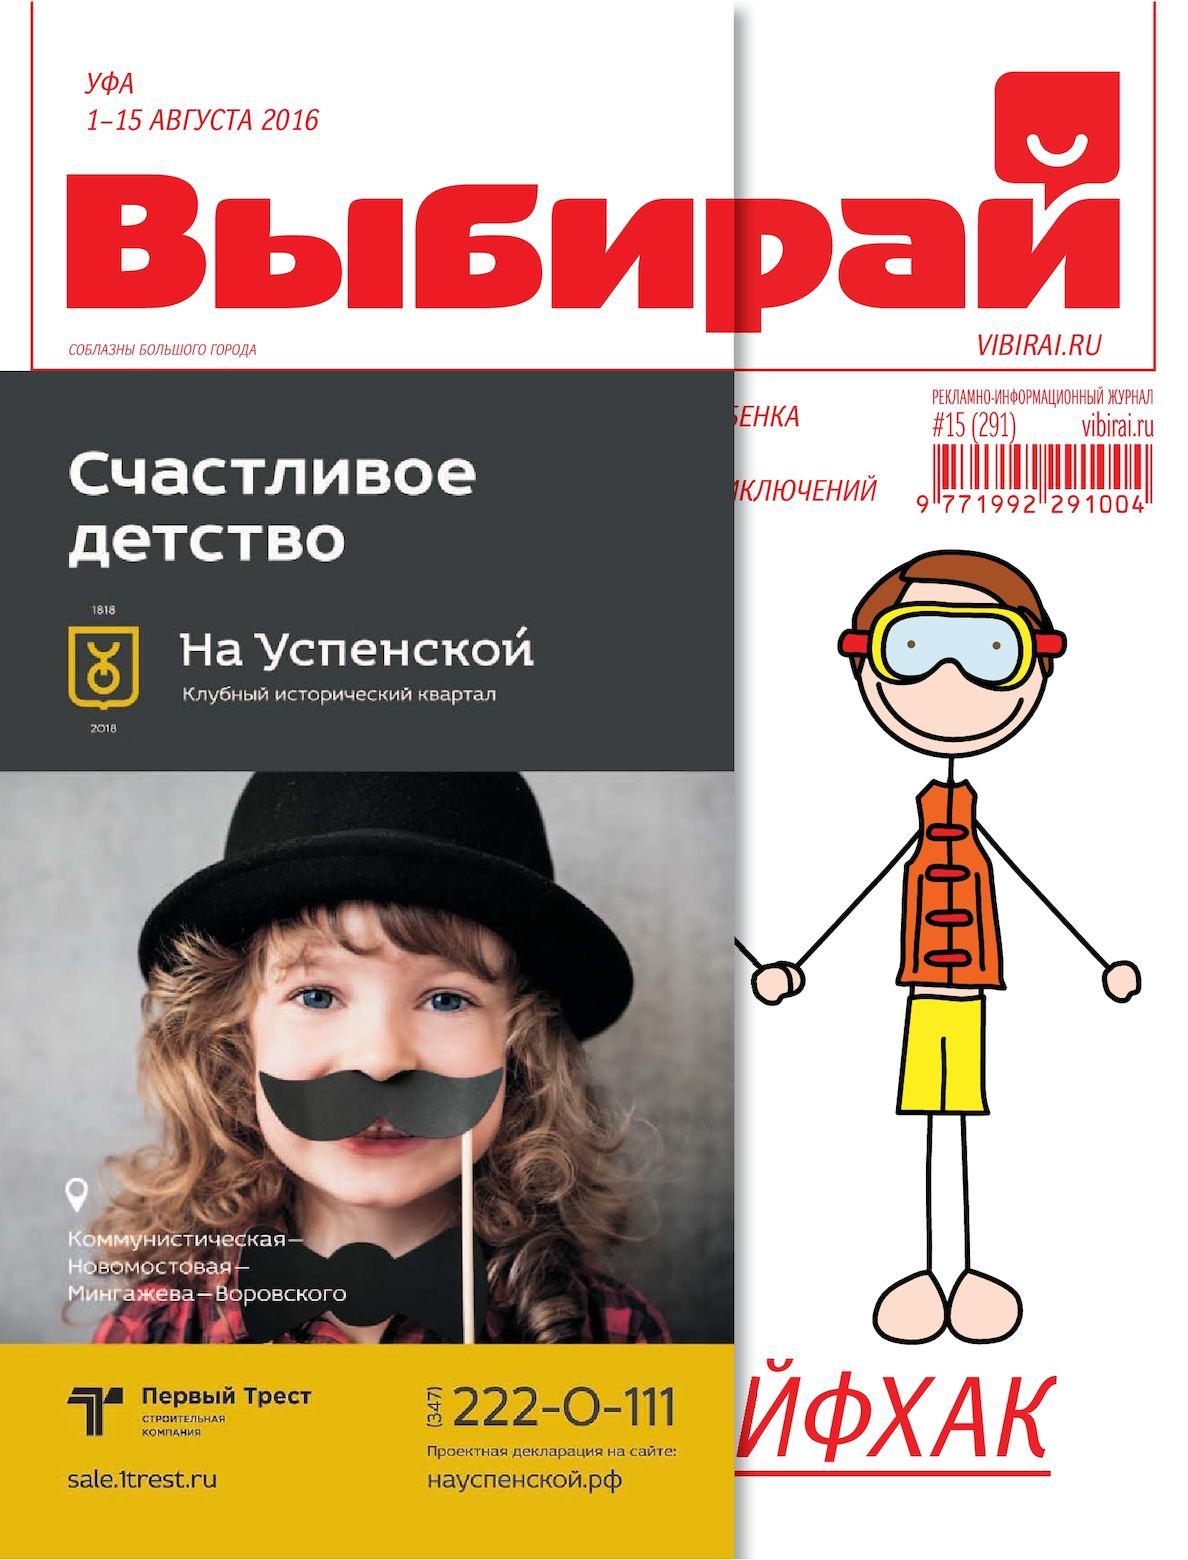 Интимное омоложение Улица Гагарина Ю. Чебоксары лазерная эпиляция провоцирует рост волос